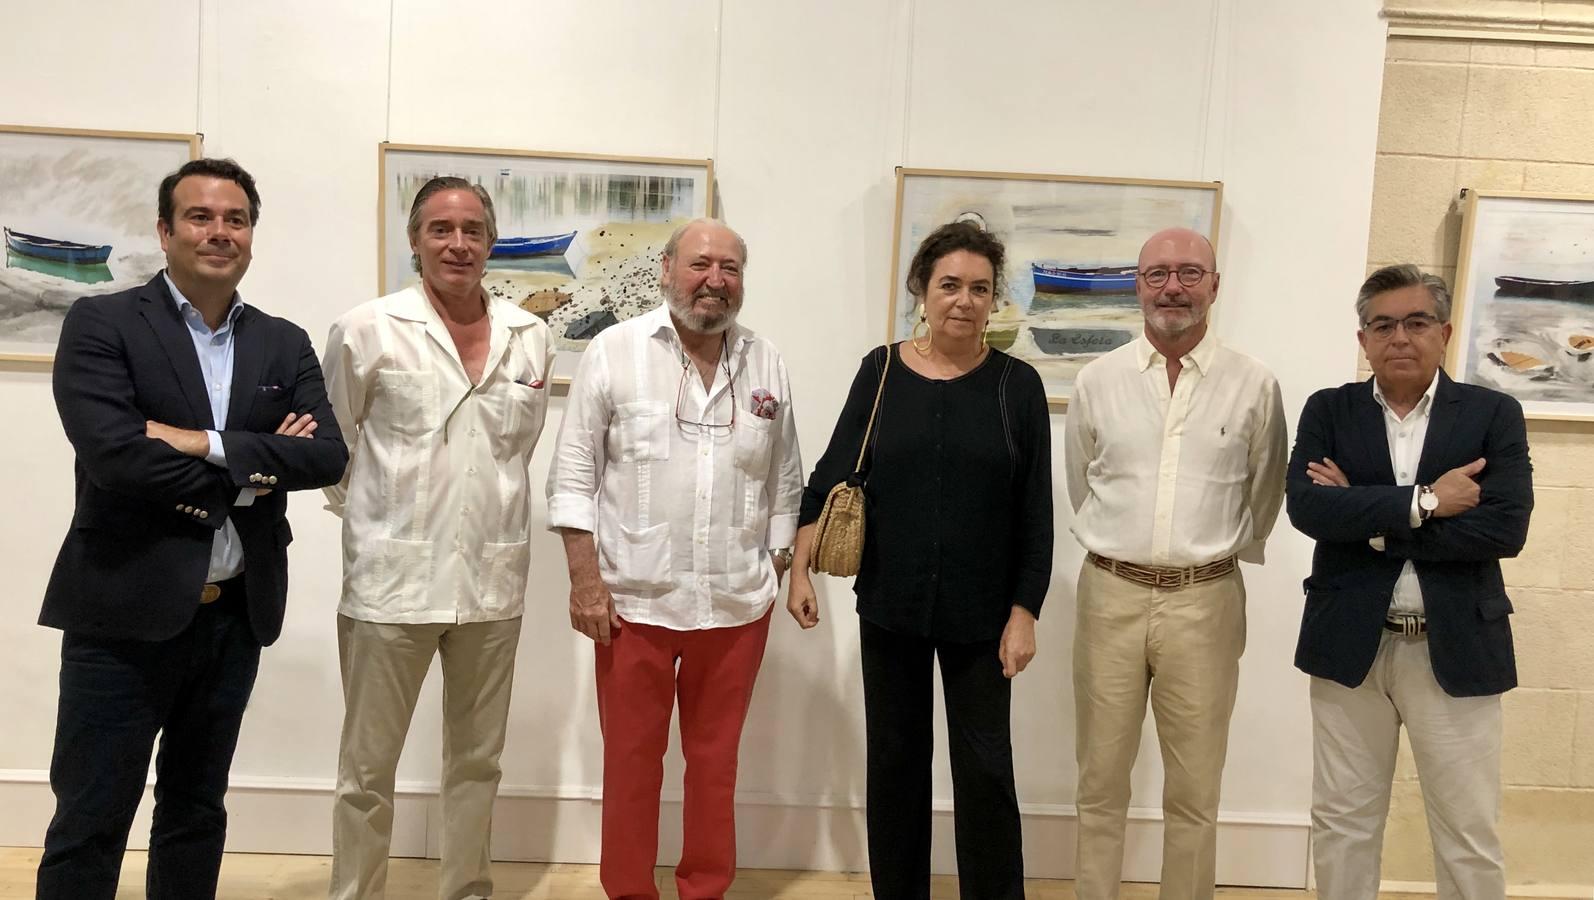 Ivan Llanza, David Maldonado, Rafel Terry, Magdalena Bachiller, Humberto Ybarra y Antonio Abad